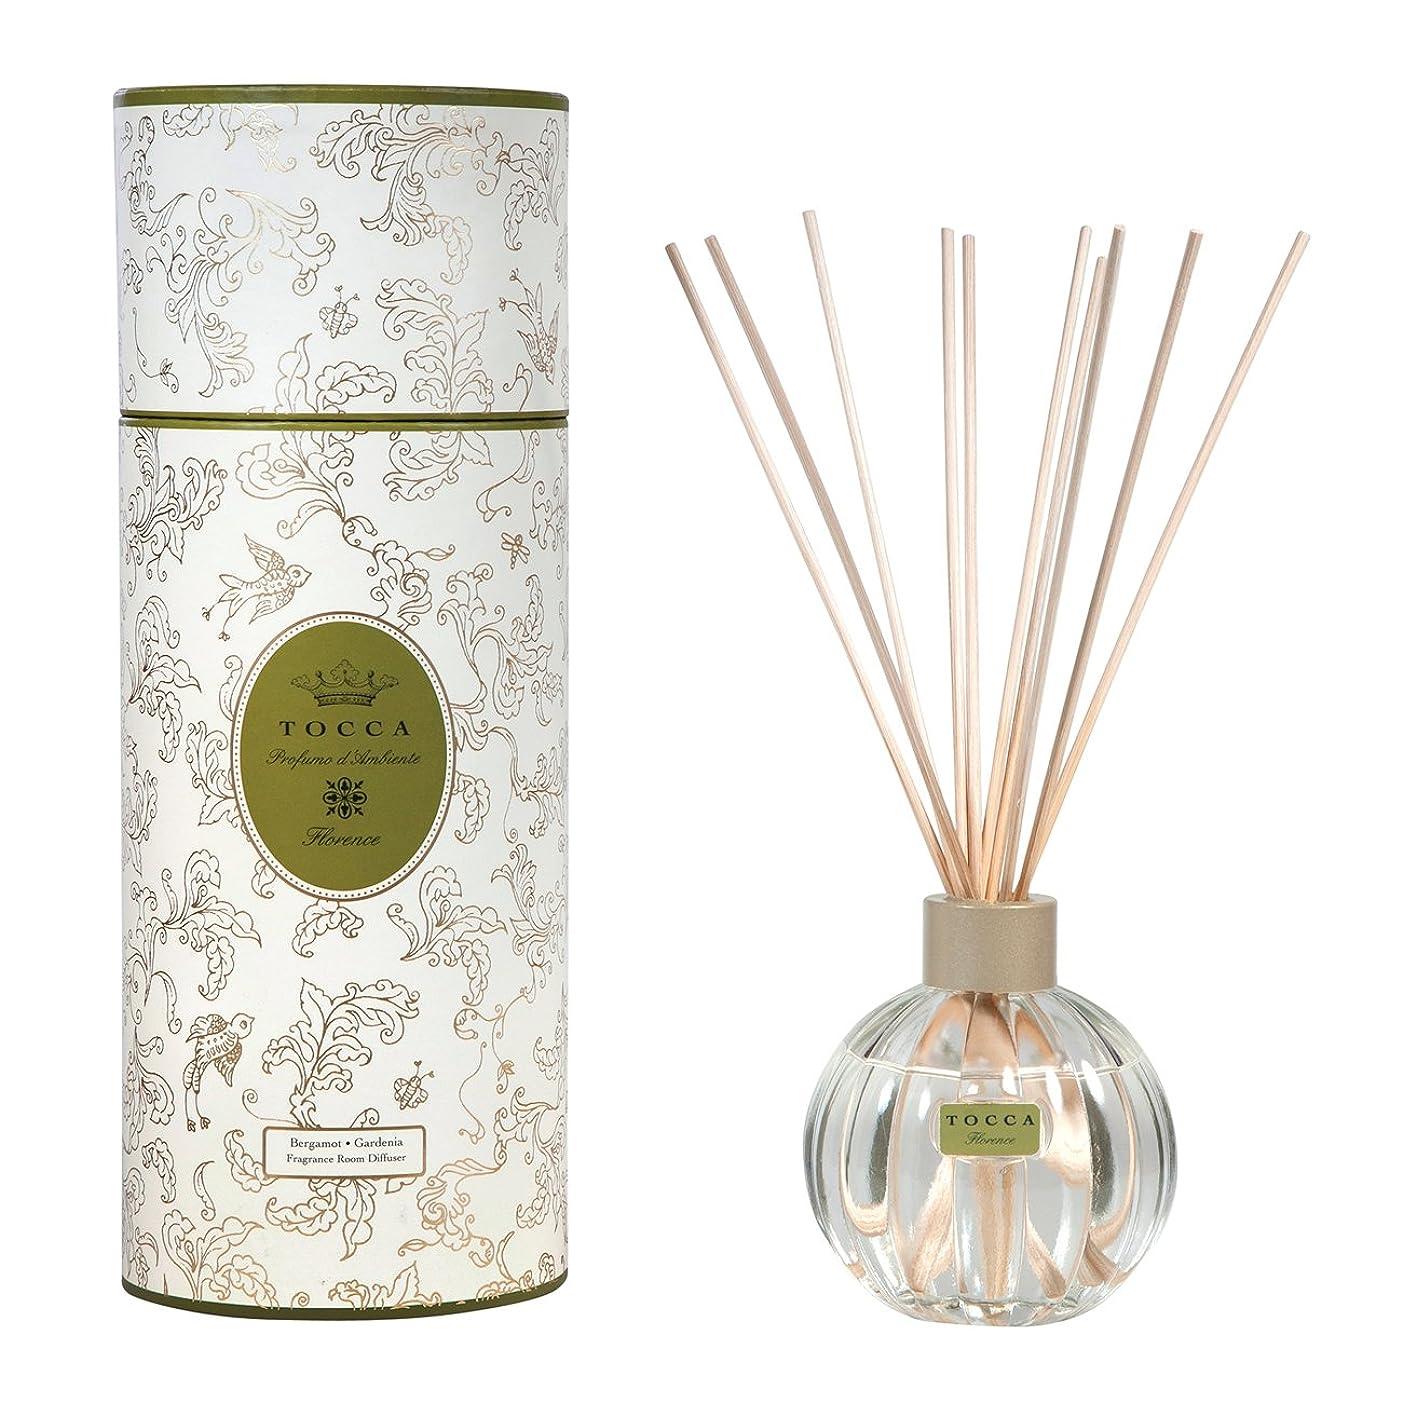 樫の木ロードハウスアスレチックトッカ(TOCCA) リードディフューザー フローレンスの香り 175ml 3~4ヶ月持続(芳香剤 ルームフレグランス ガーデニアとベルガモットが誘うように溶け合うどこまでも上品なフローラルの香り)